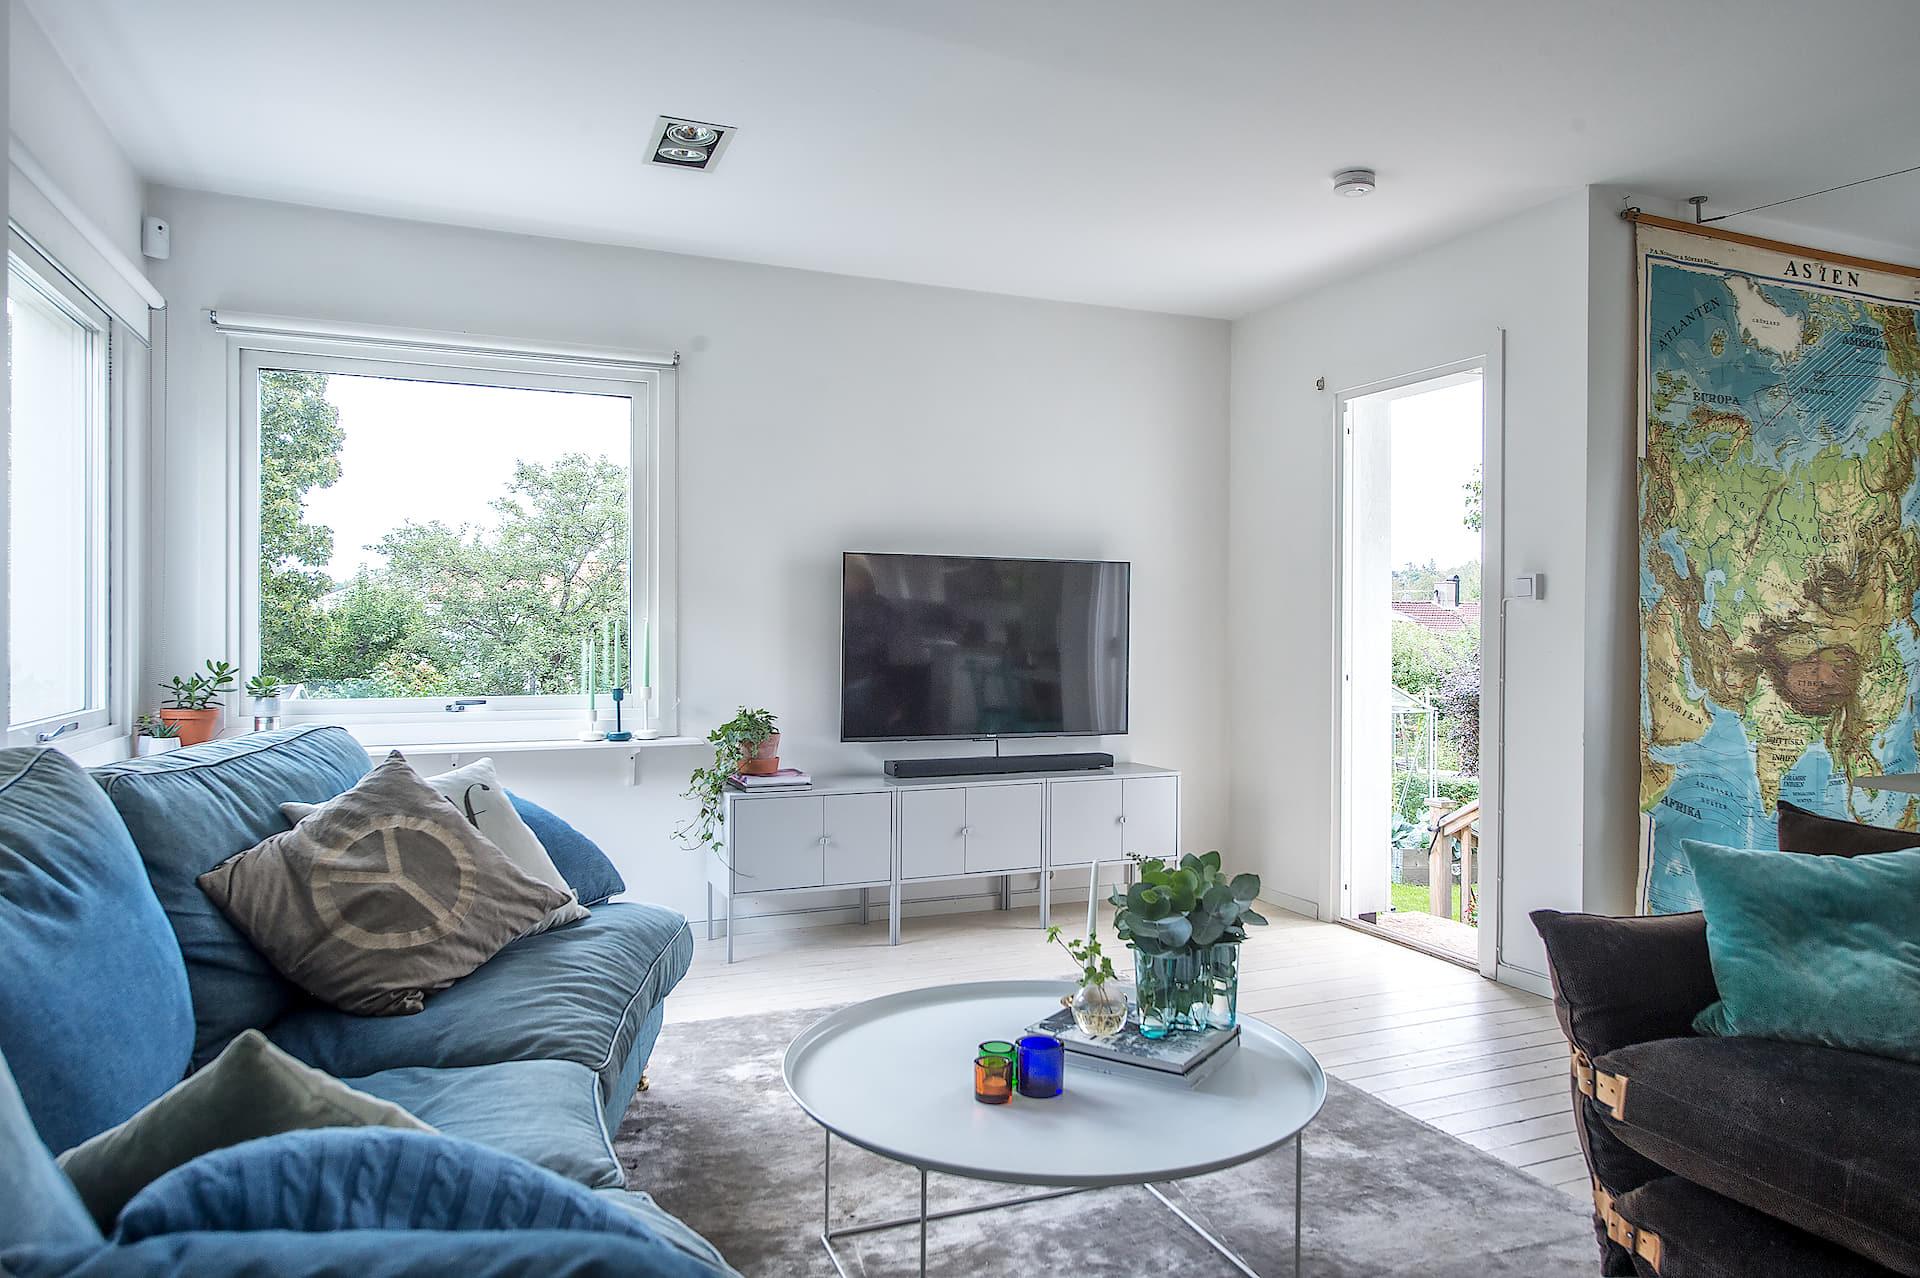 гостиная телевизор синий диван круглый столик